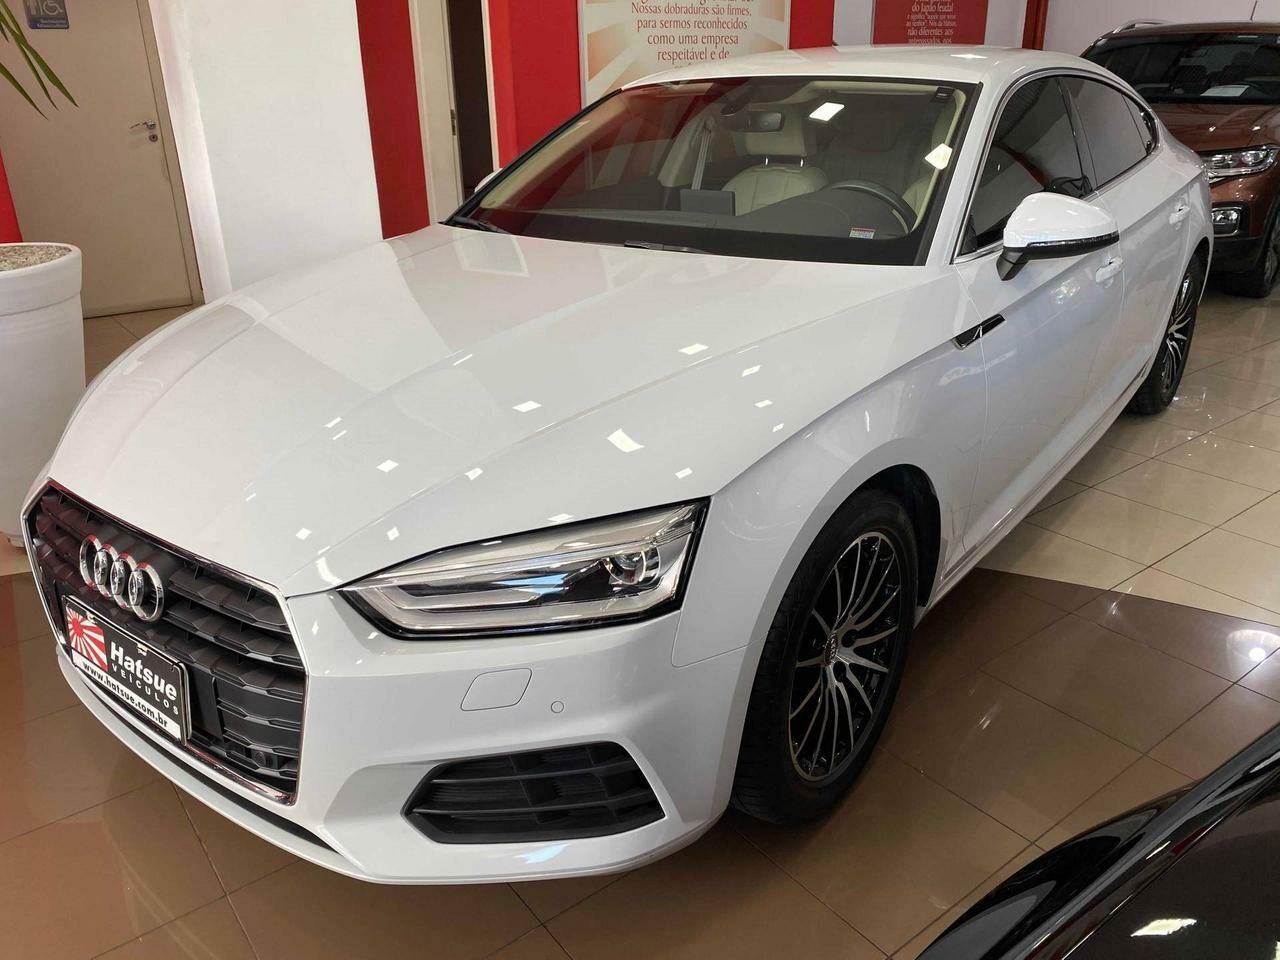 Audi A5 2 0 Sportback Atraction Branco 2017 2018 Santos 1173711 Usadosbr Com